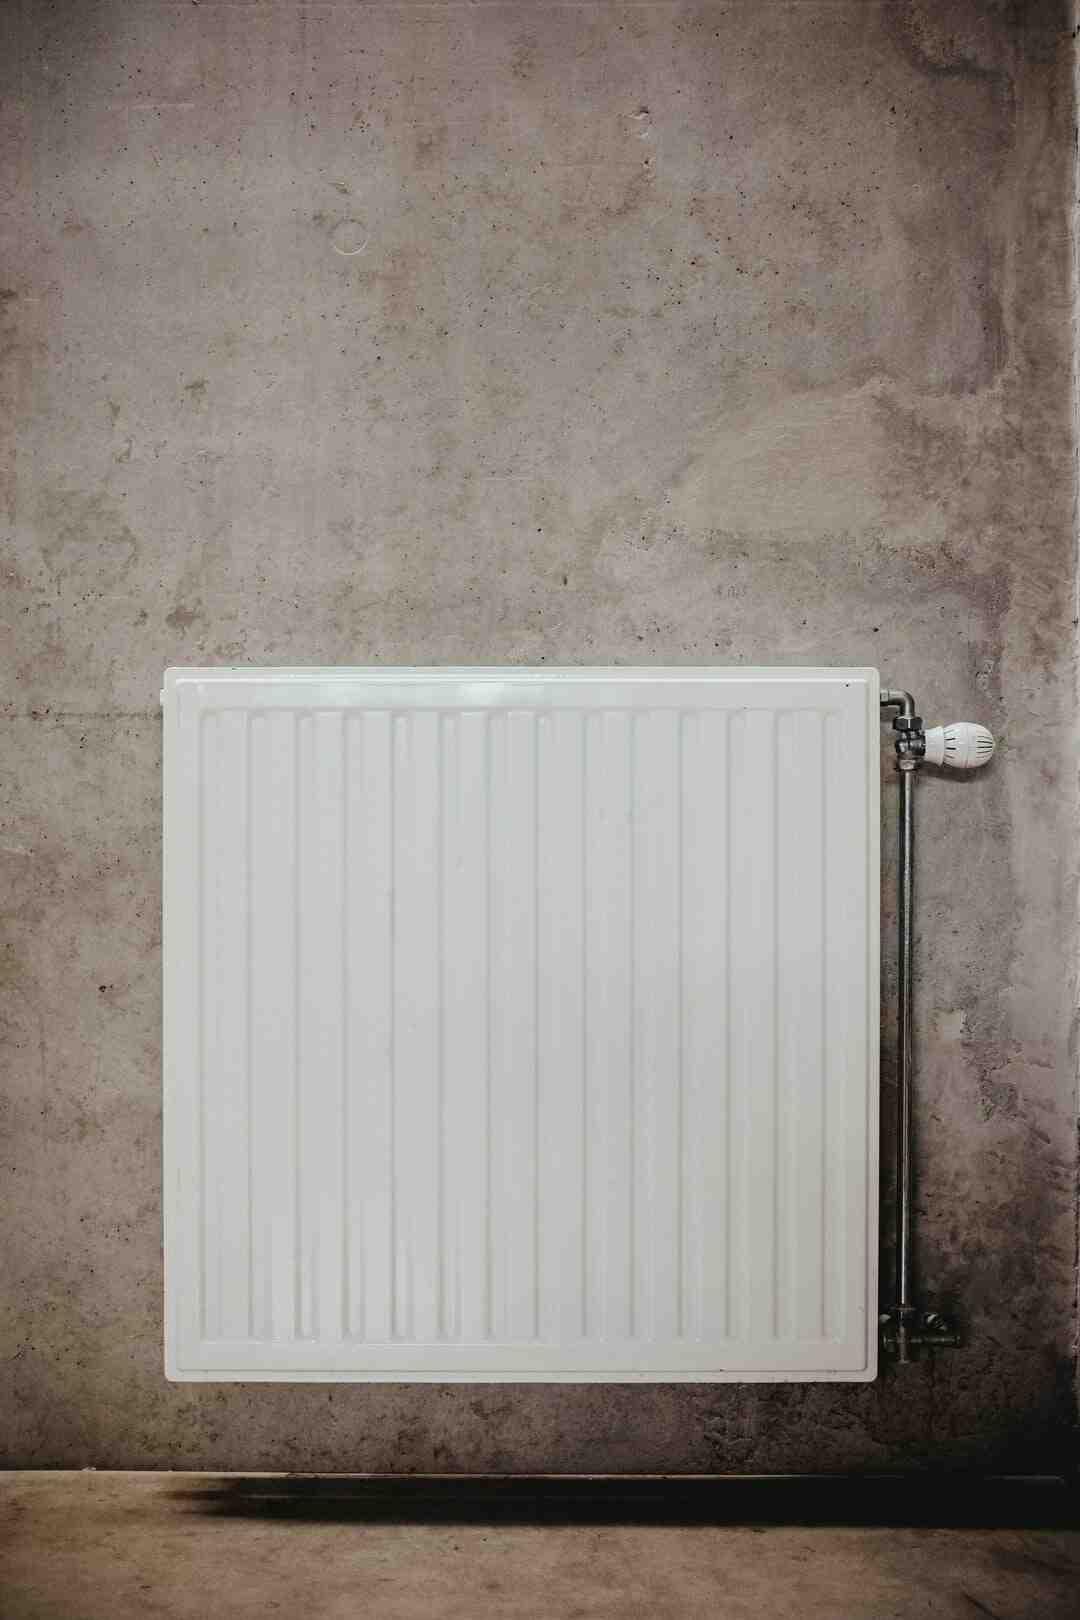 Comment régler radiateur électrique sans thermostat